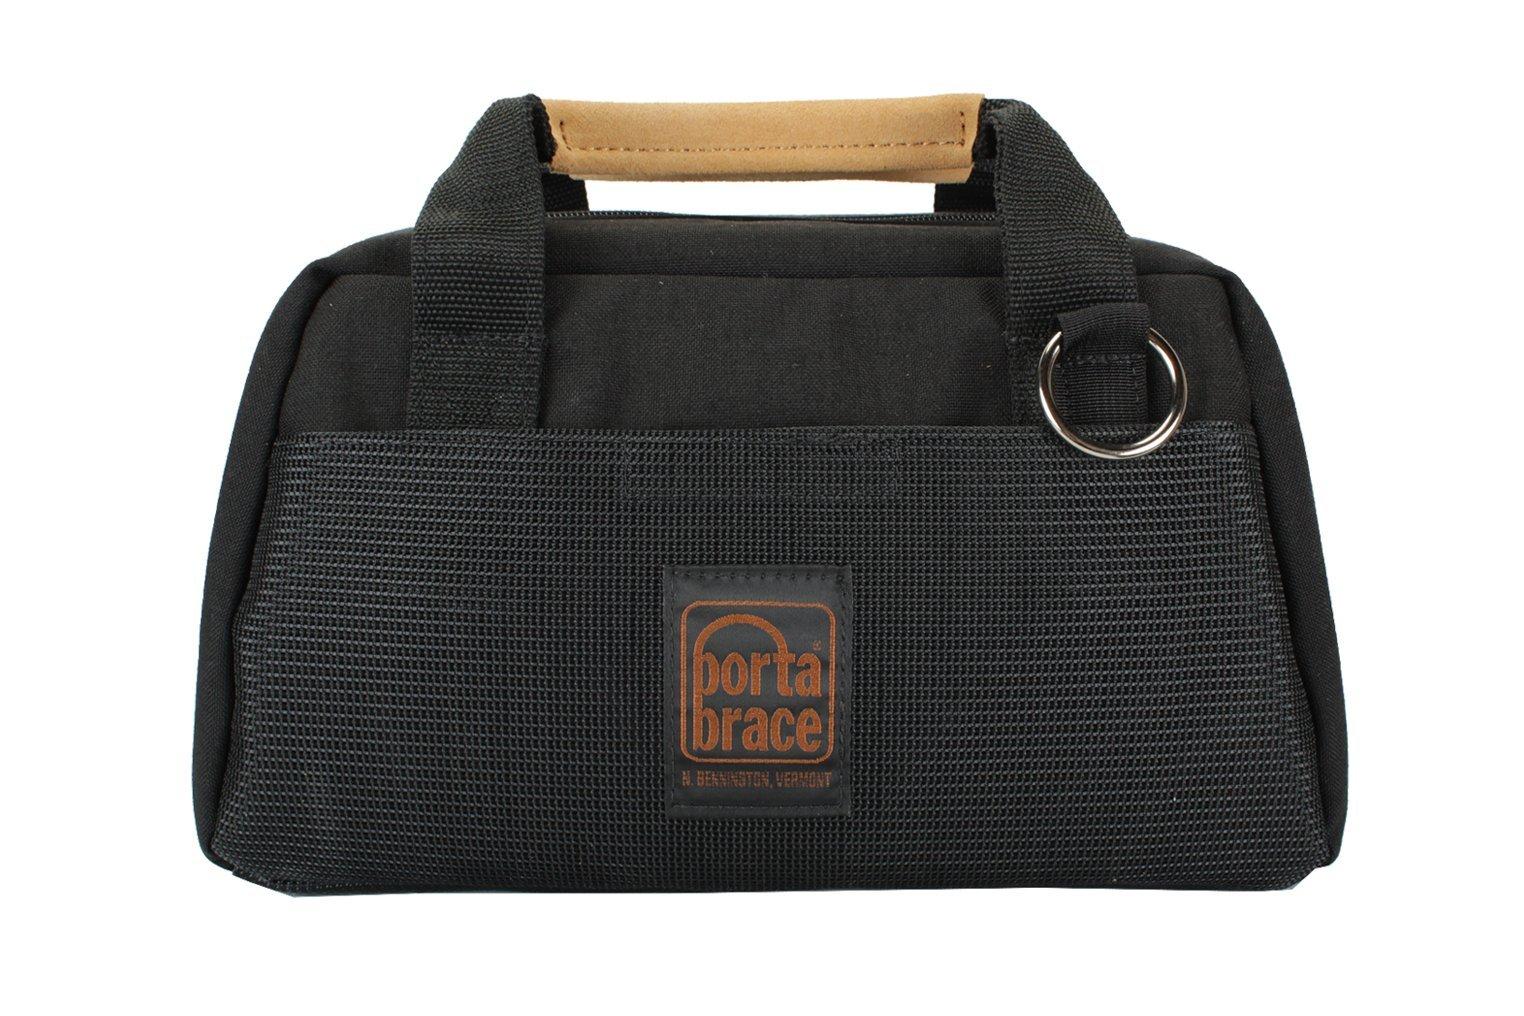 PortaBrace CS-DC1R Small DSLR Camera Case - Black by PortaBrace